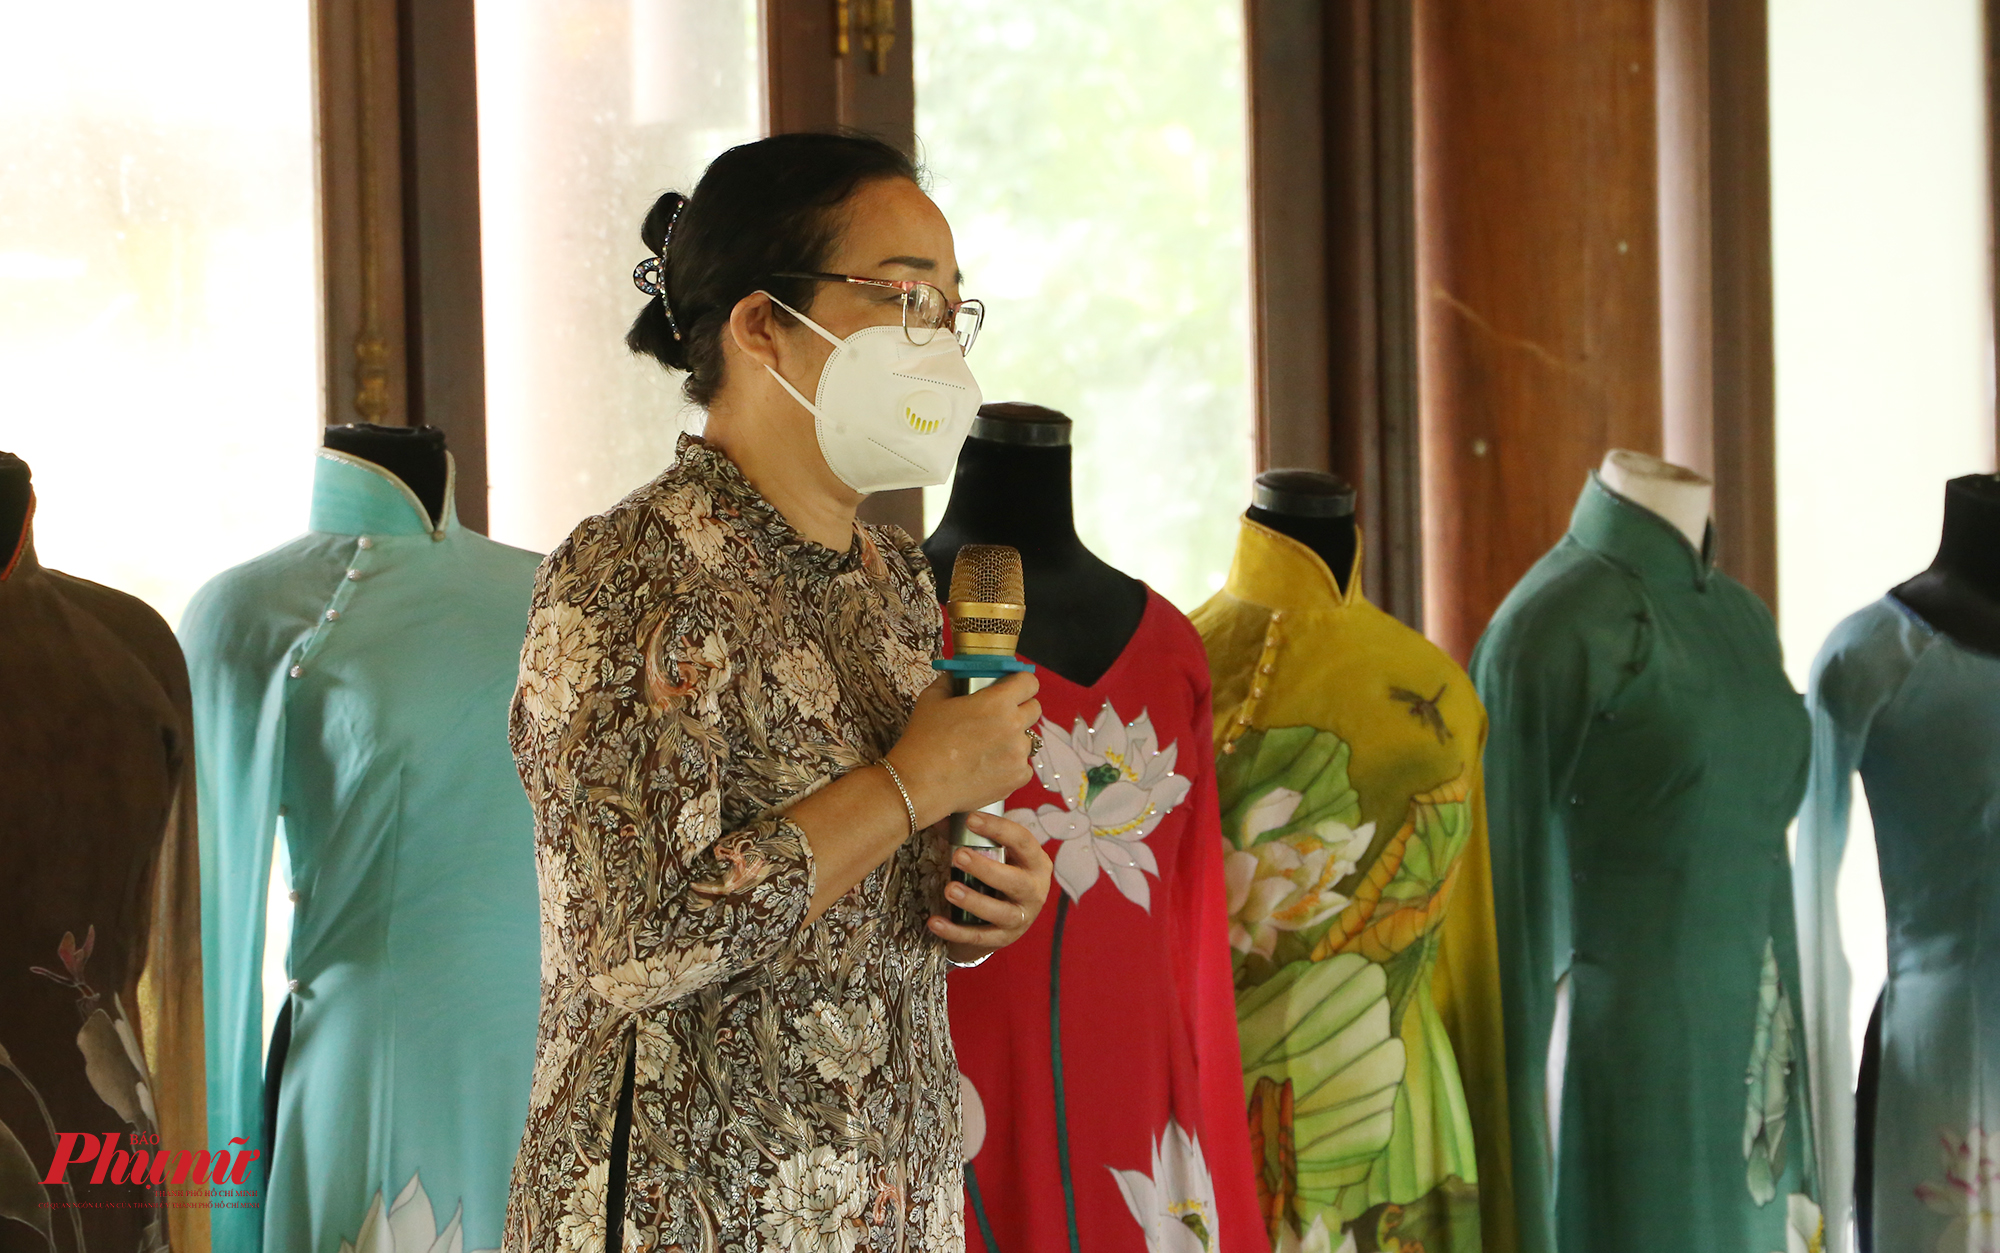 ới tư cách người đứng đầu bảo tàng, Bà Huỳnh Ngọc Vân nói vsẽ cố gắng đóng góp vào sự phát triển của TPHCM trong thời gian tới để nơi đây sớm thịnh vượng trở lại như trước, để xứng đáng với sự góp sức, hỗ trợ từ nhiều địa phương trên khắp cả nước. Bà cũng không giấu được sự nghẹn ngào trong từng lời nói.